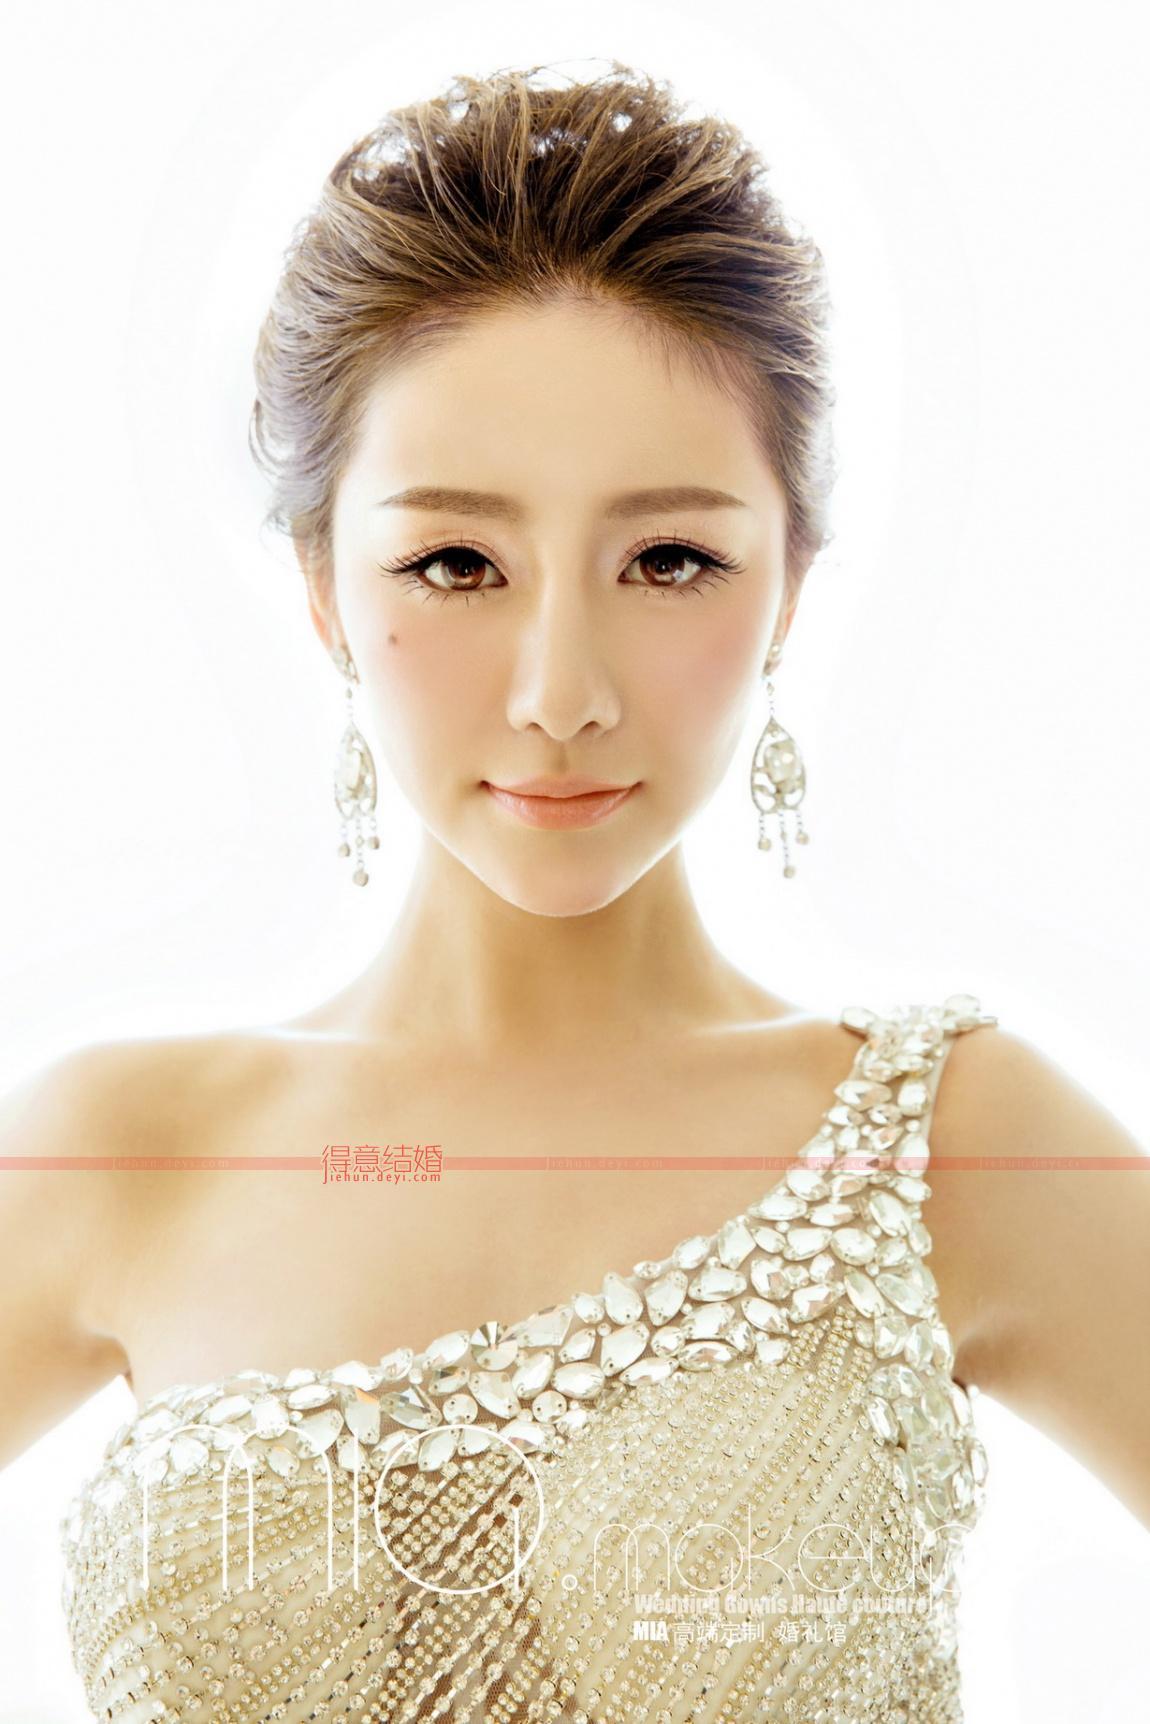 妆面4_mia make up新娘造型主题妆容图片